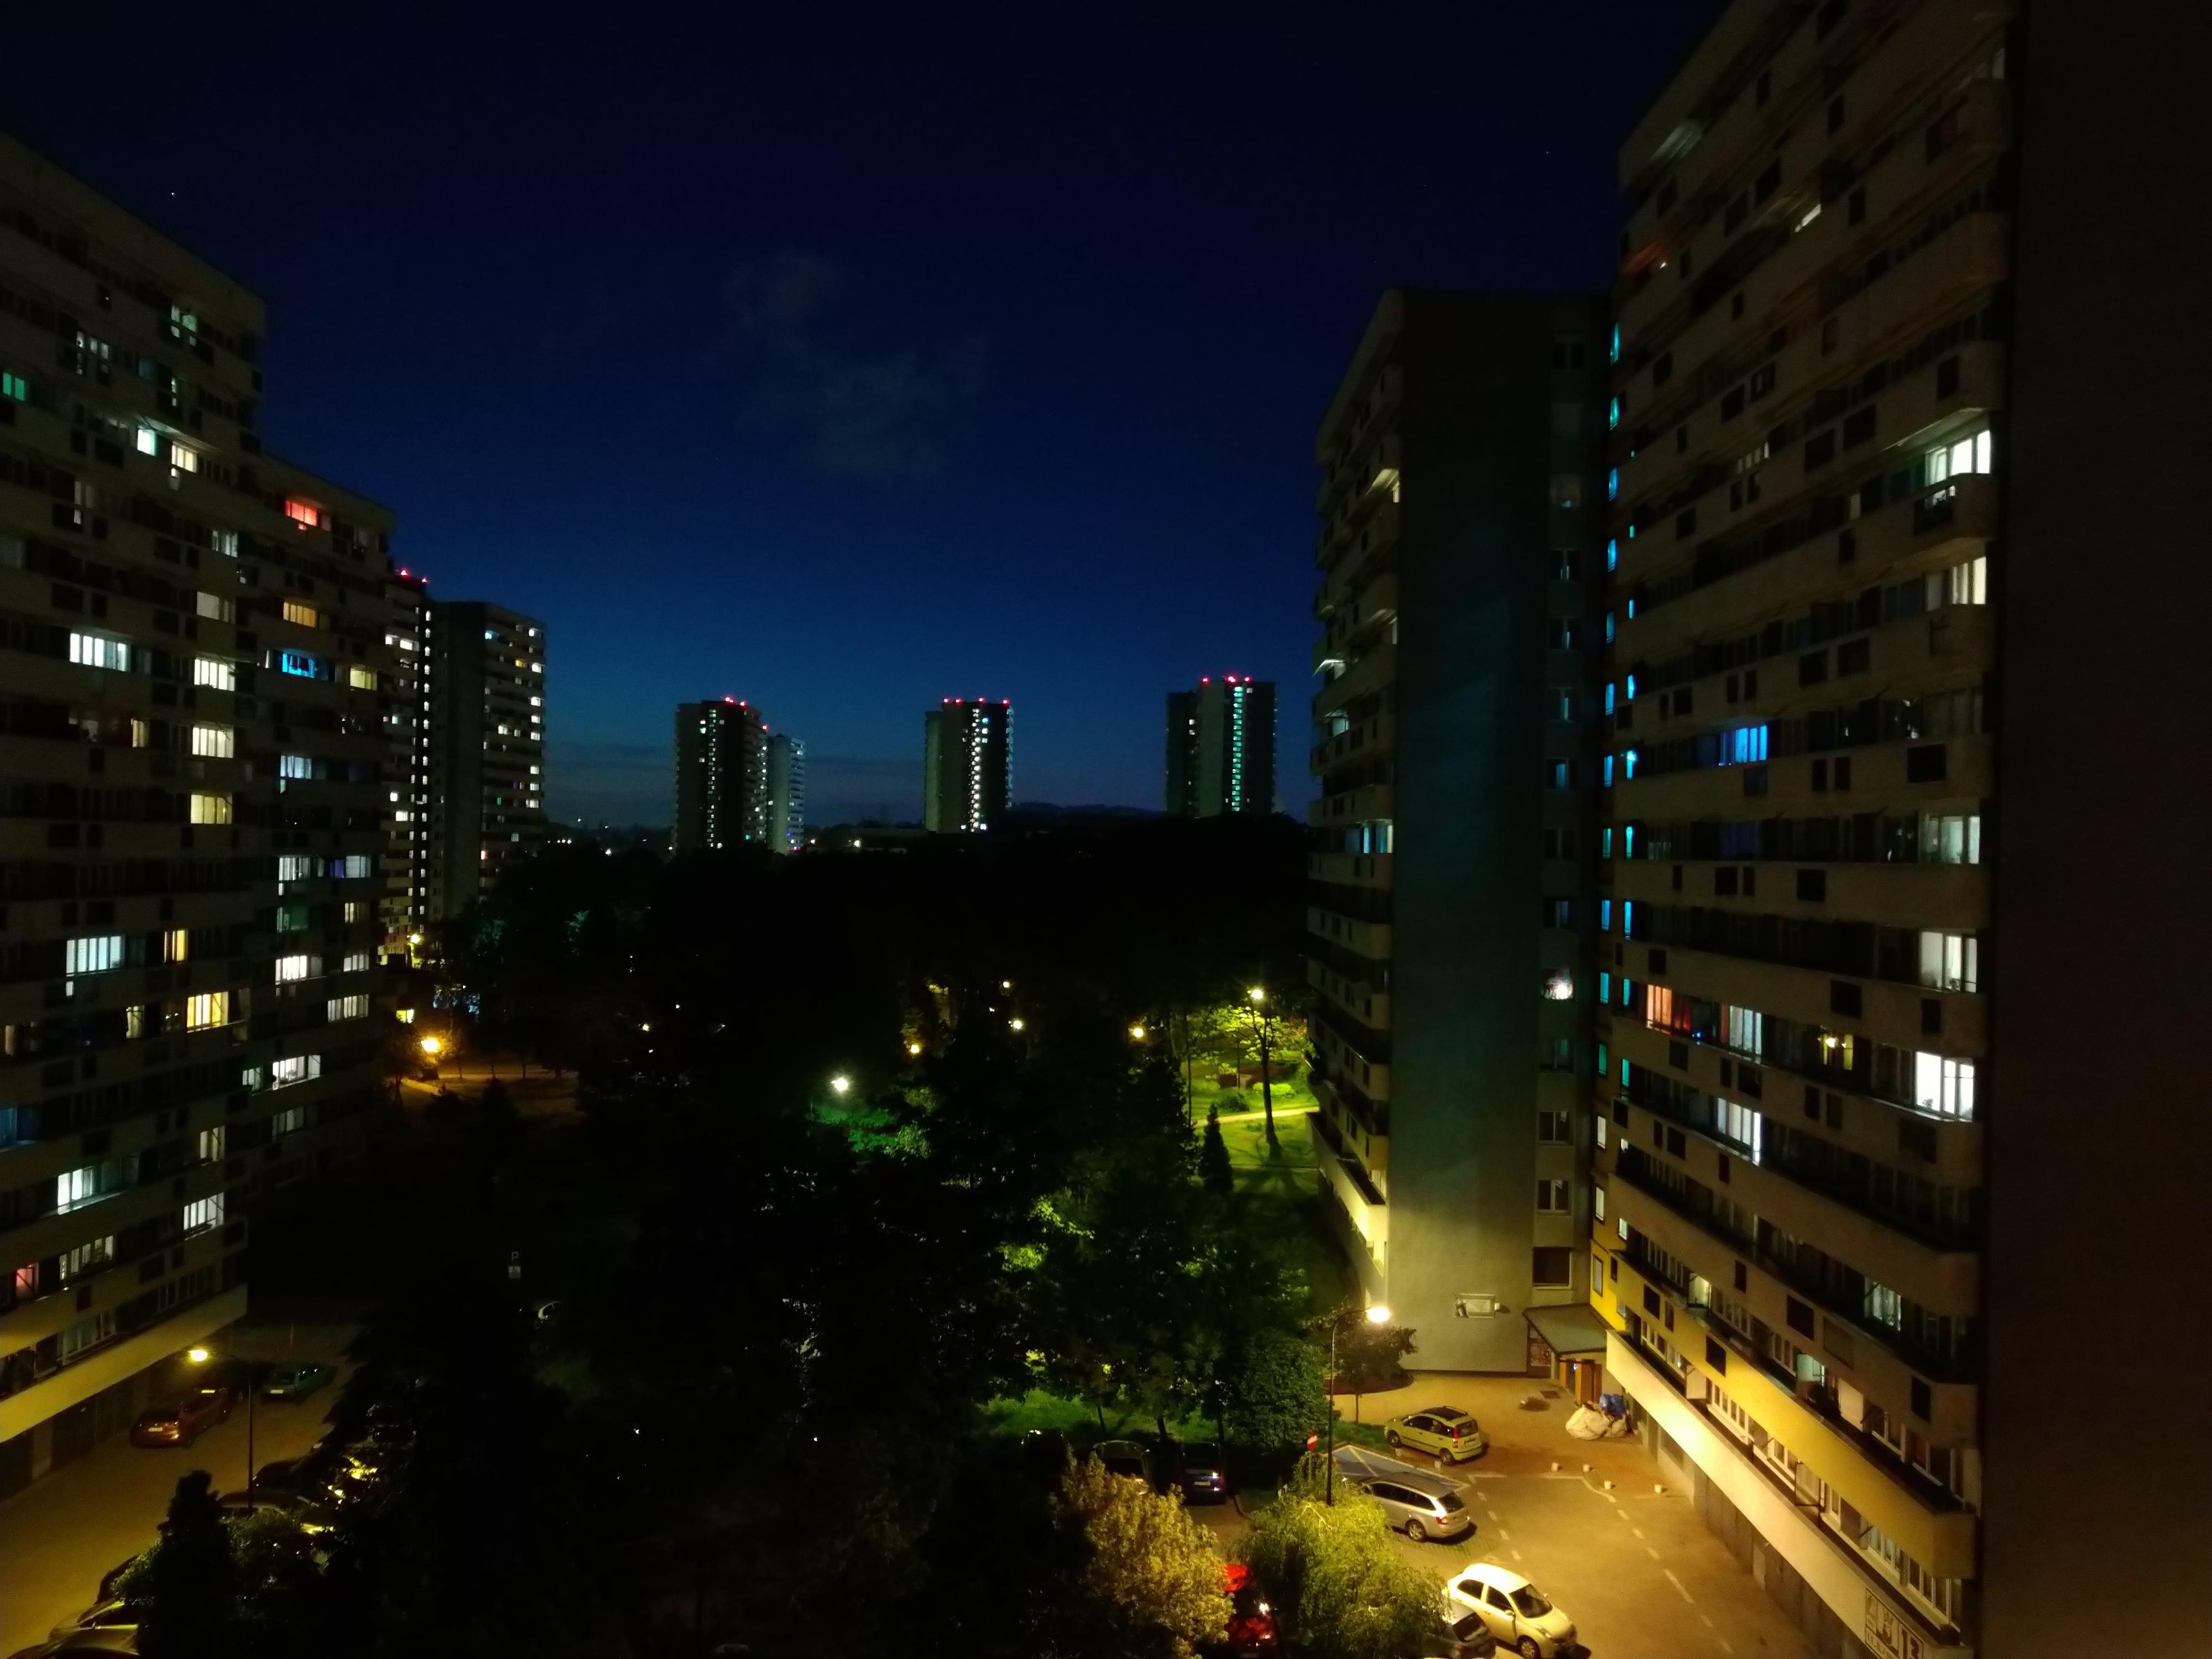 Zdjęcia nocne - Sony Xperia 10 Plus